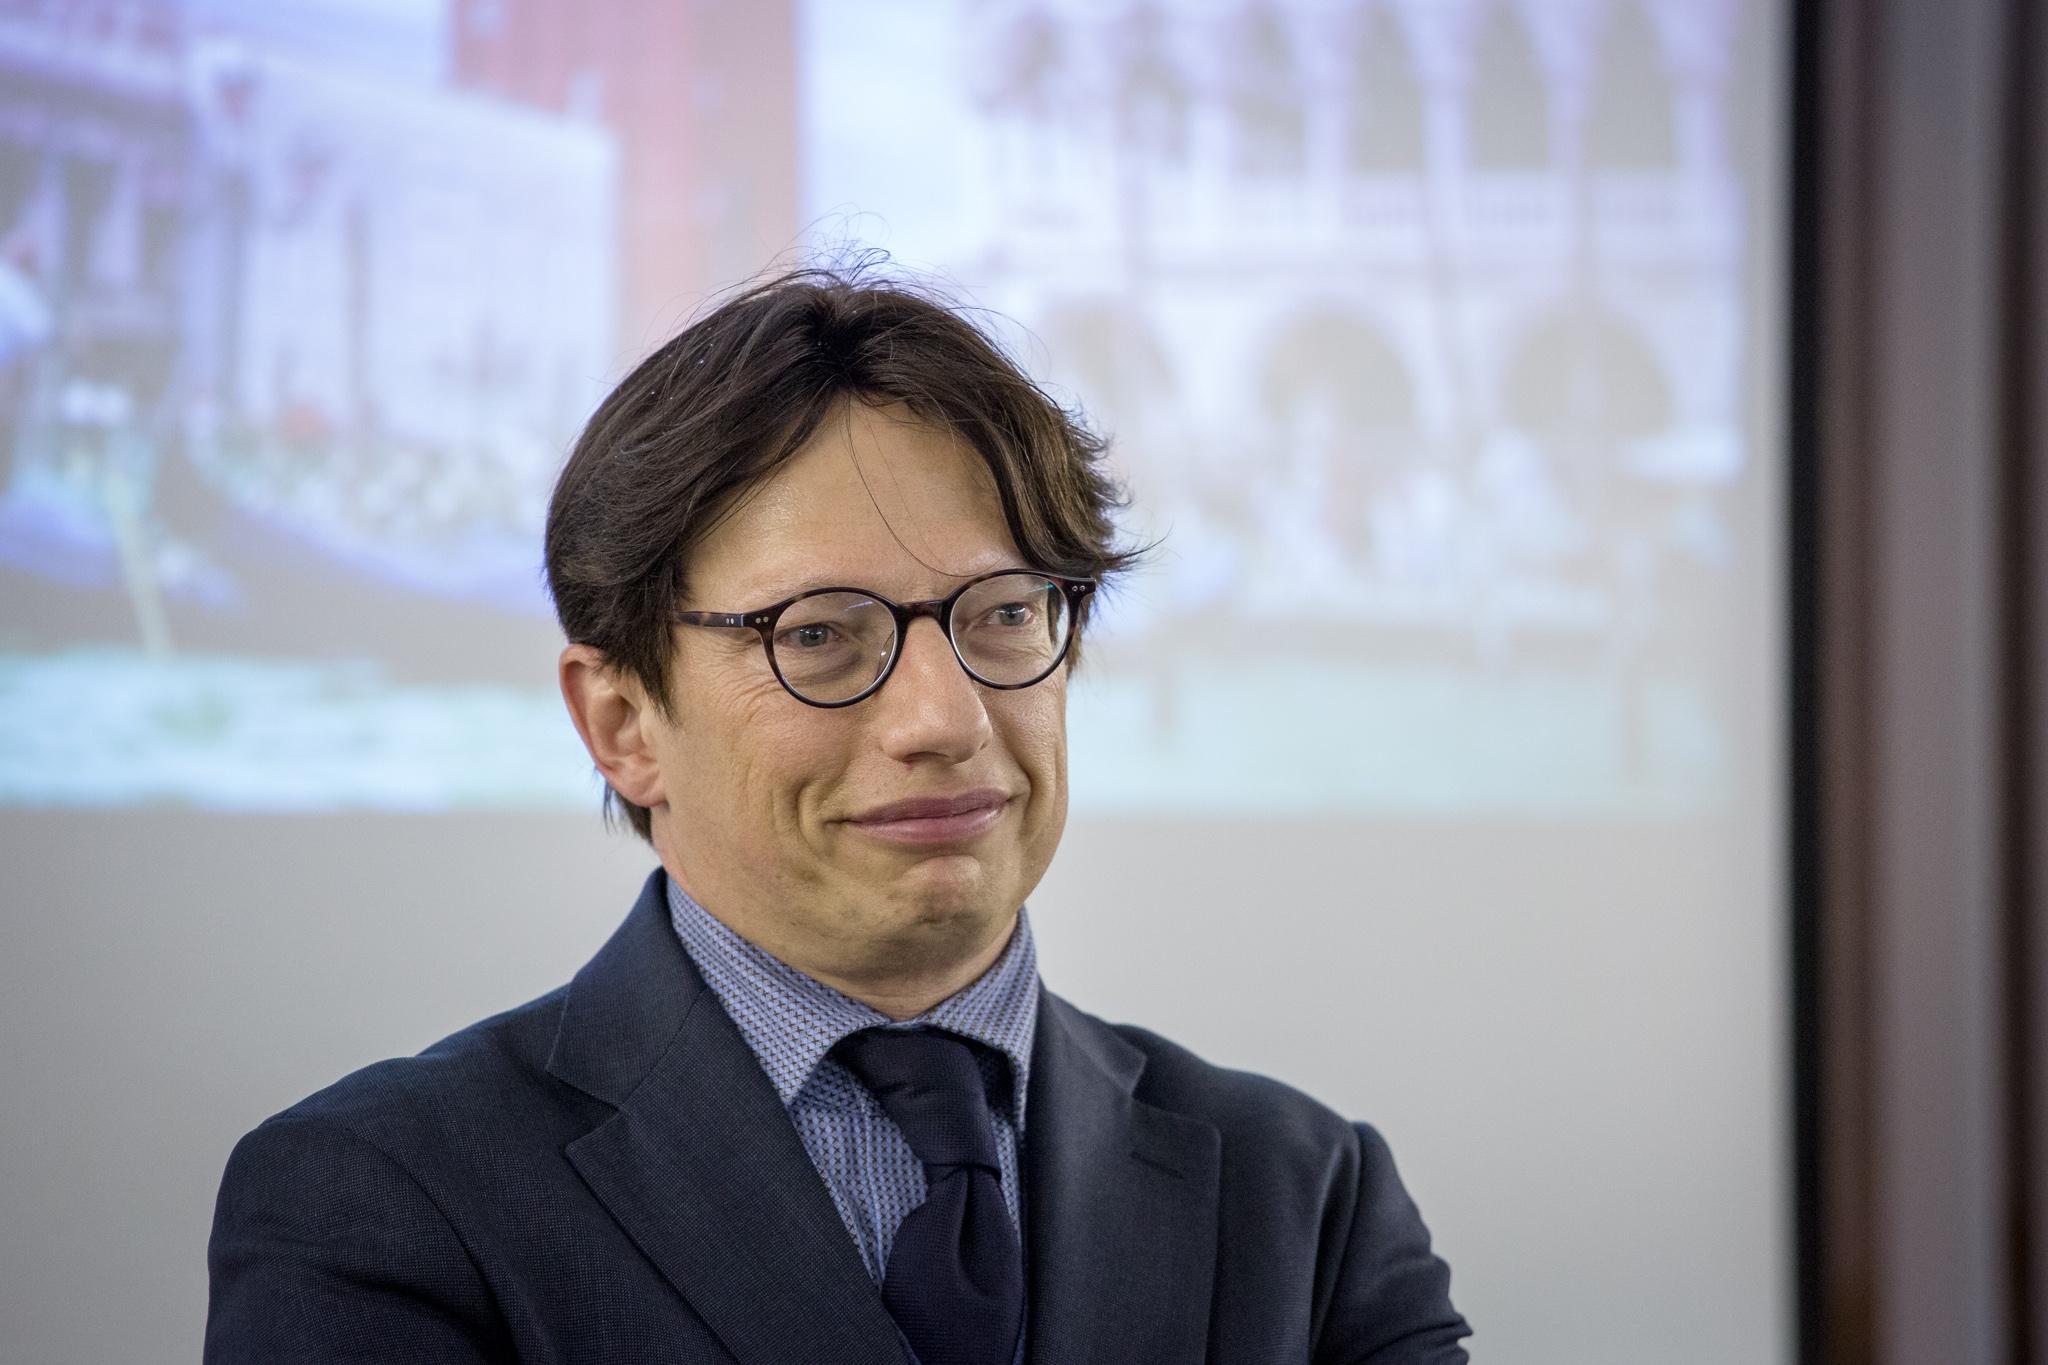 Dr. Gian Luca Borghese